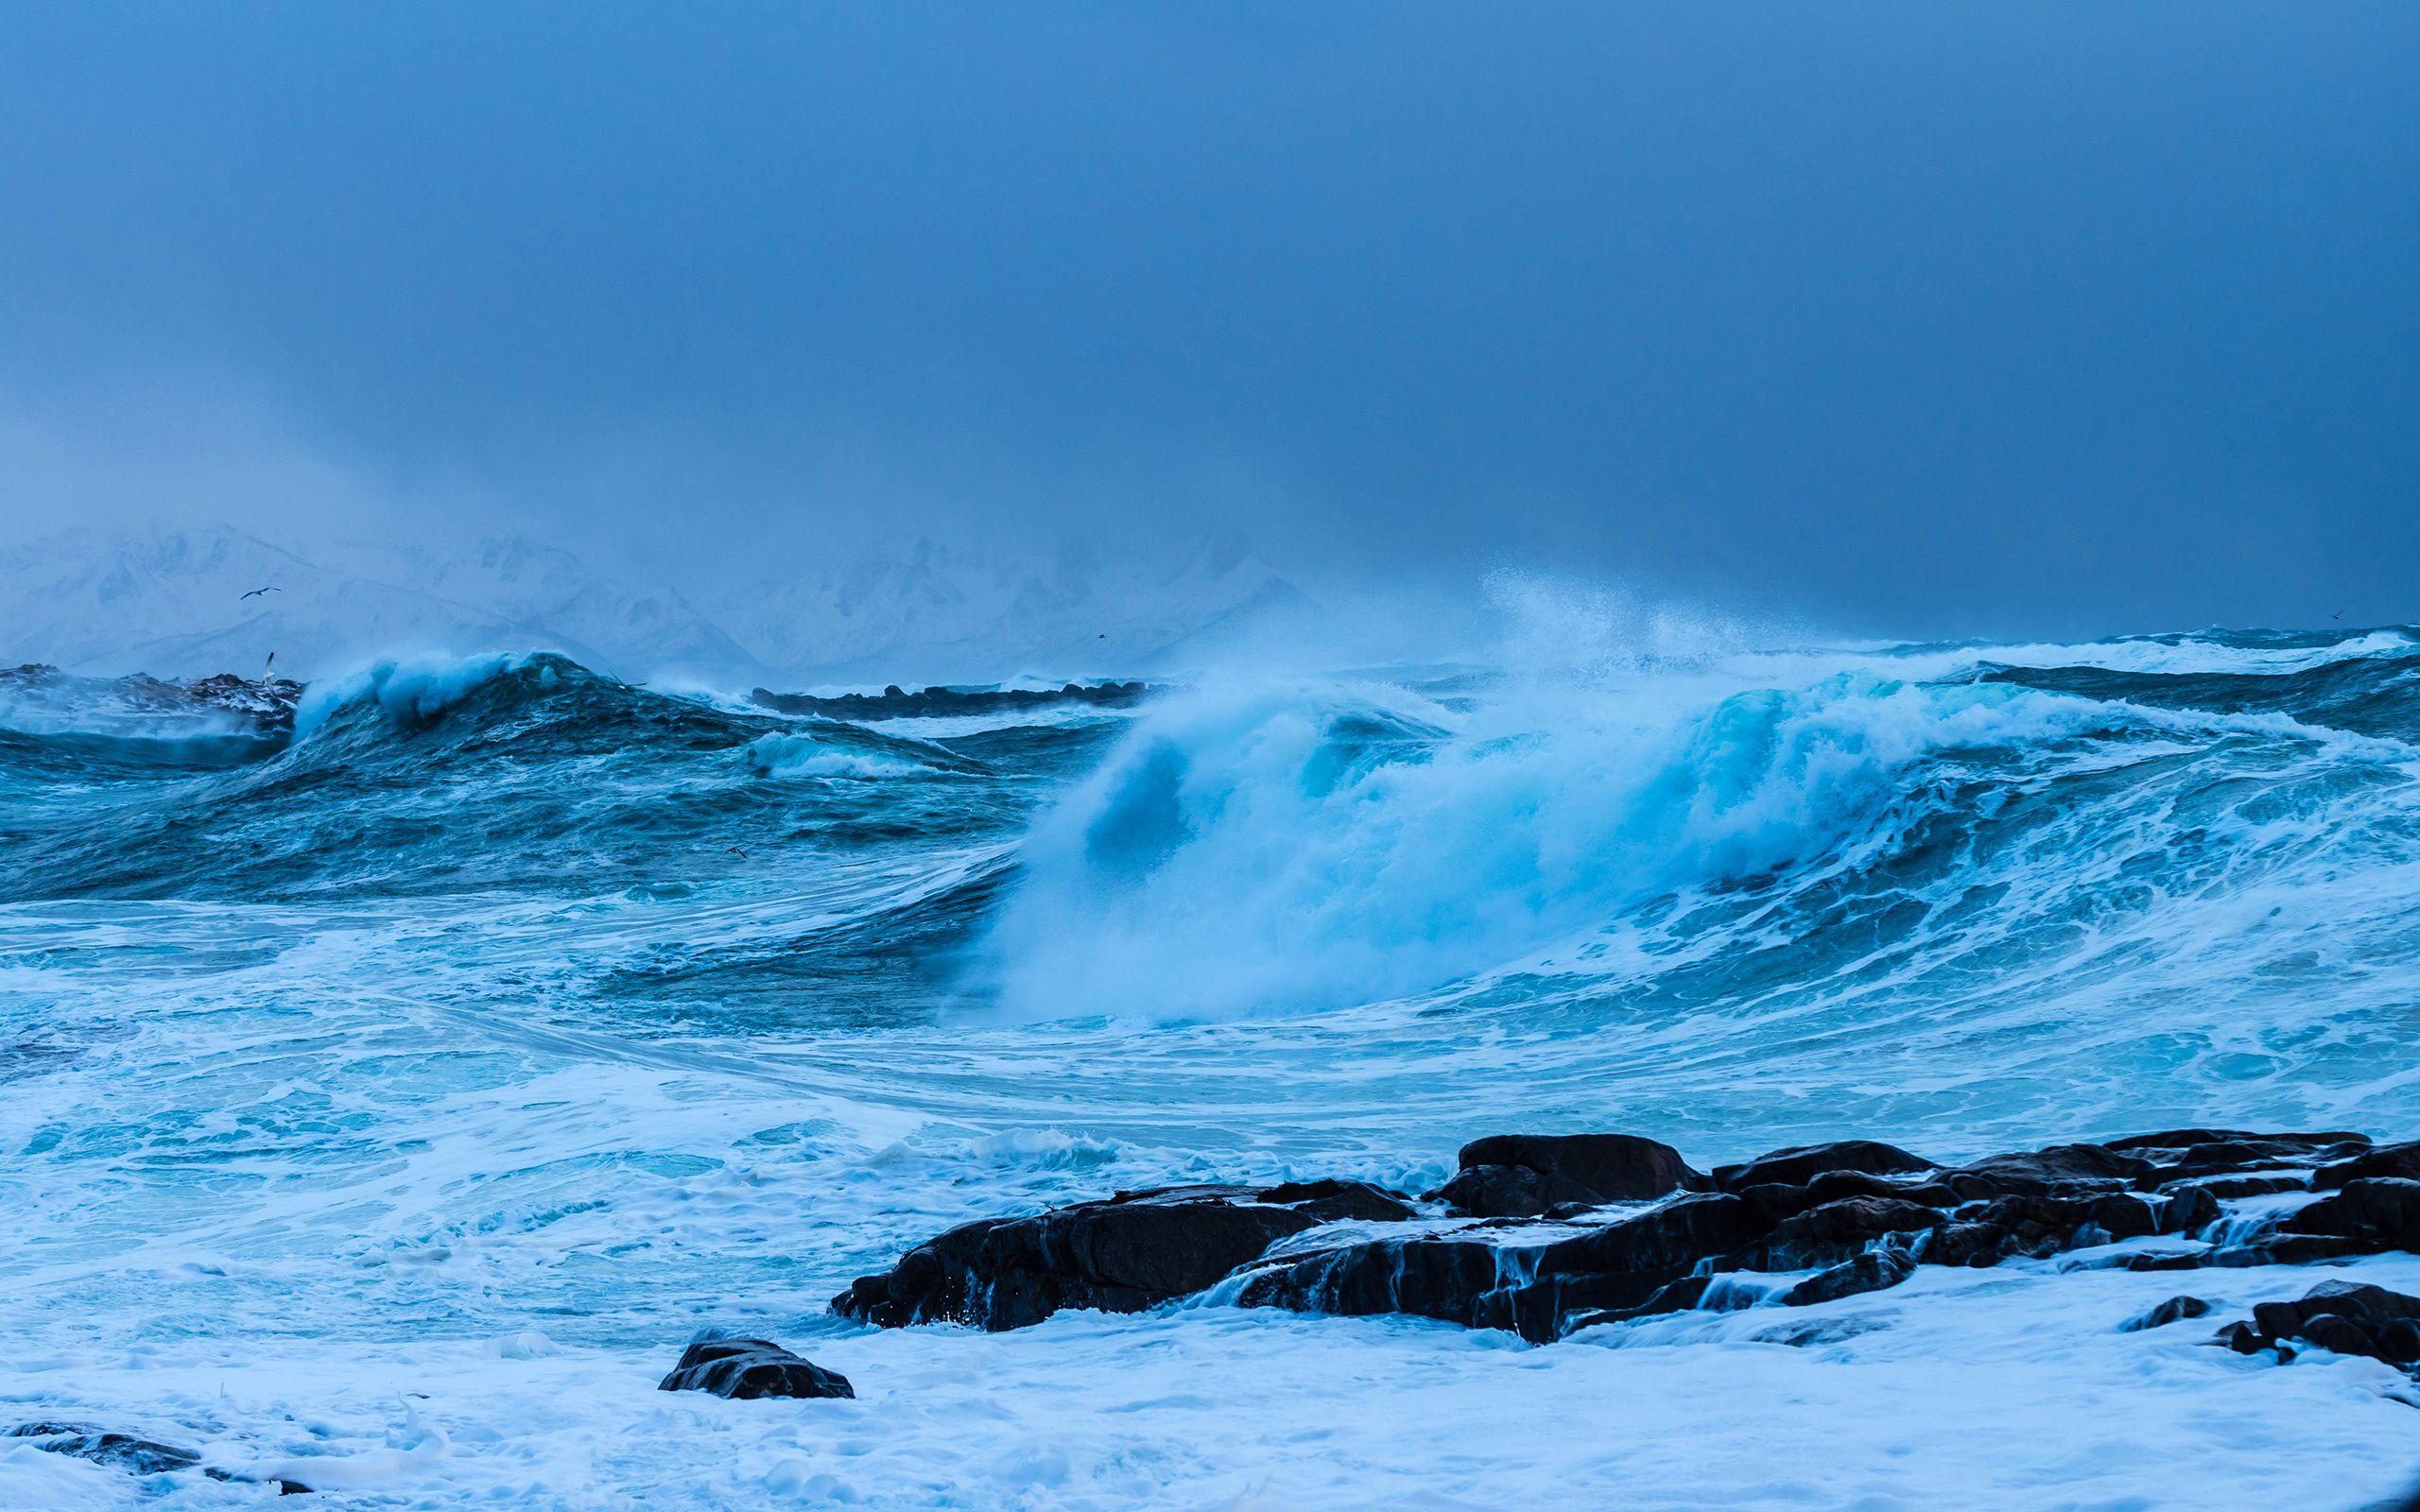 Sea Wallpaper 52 2560x1600